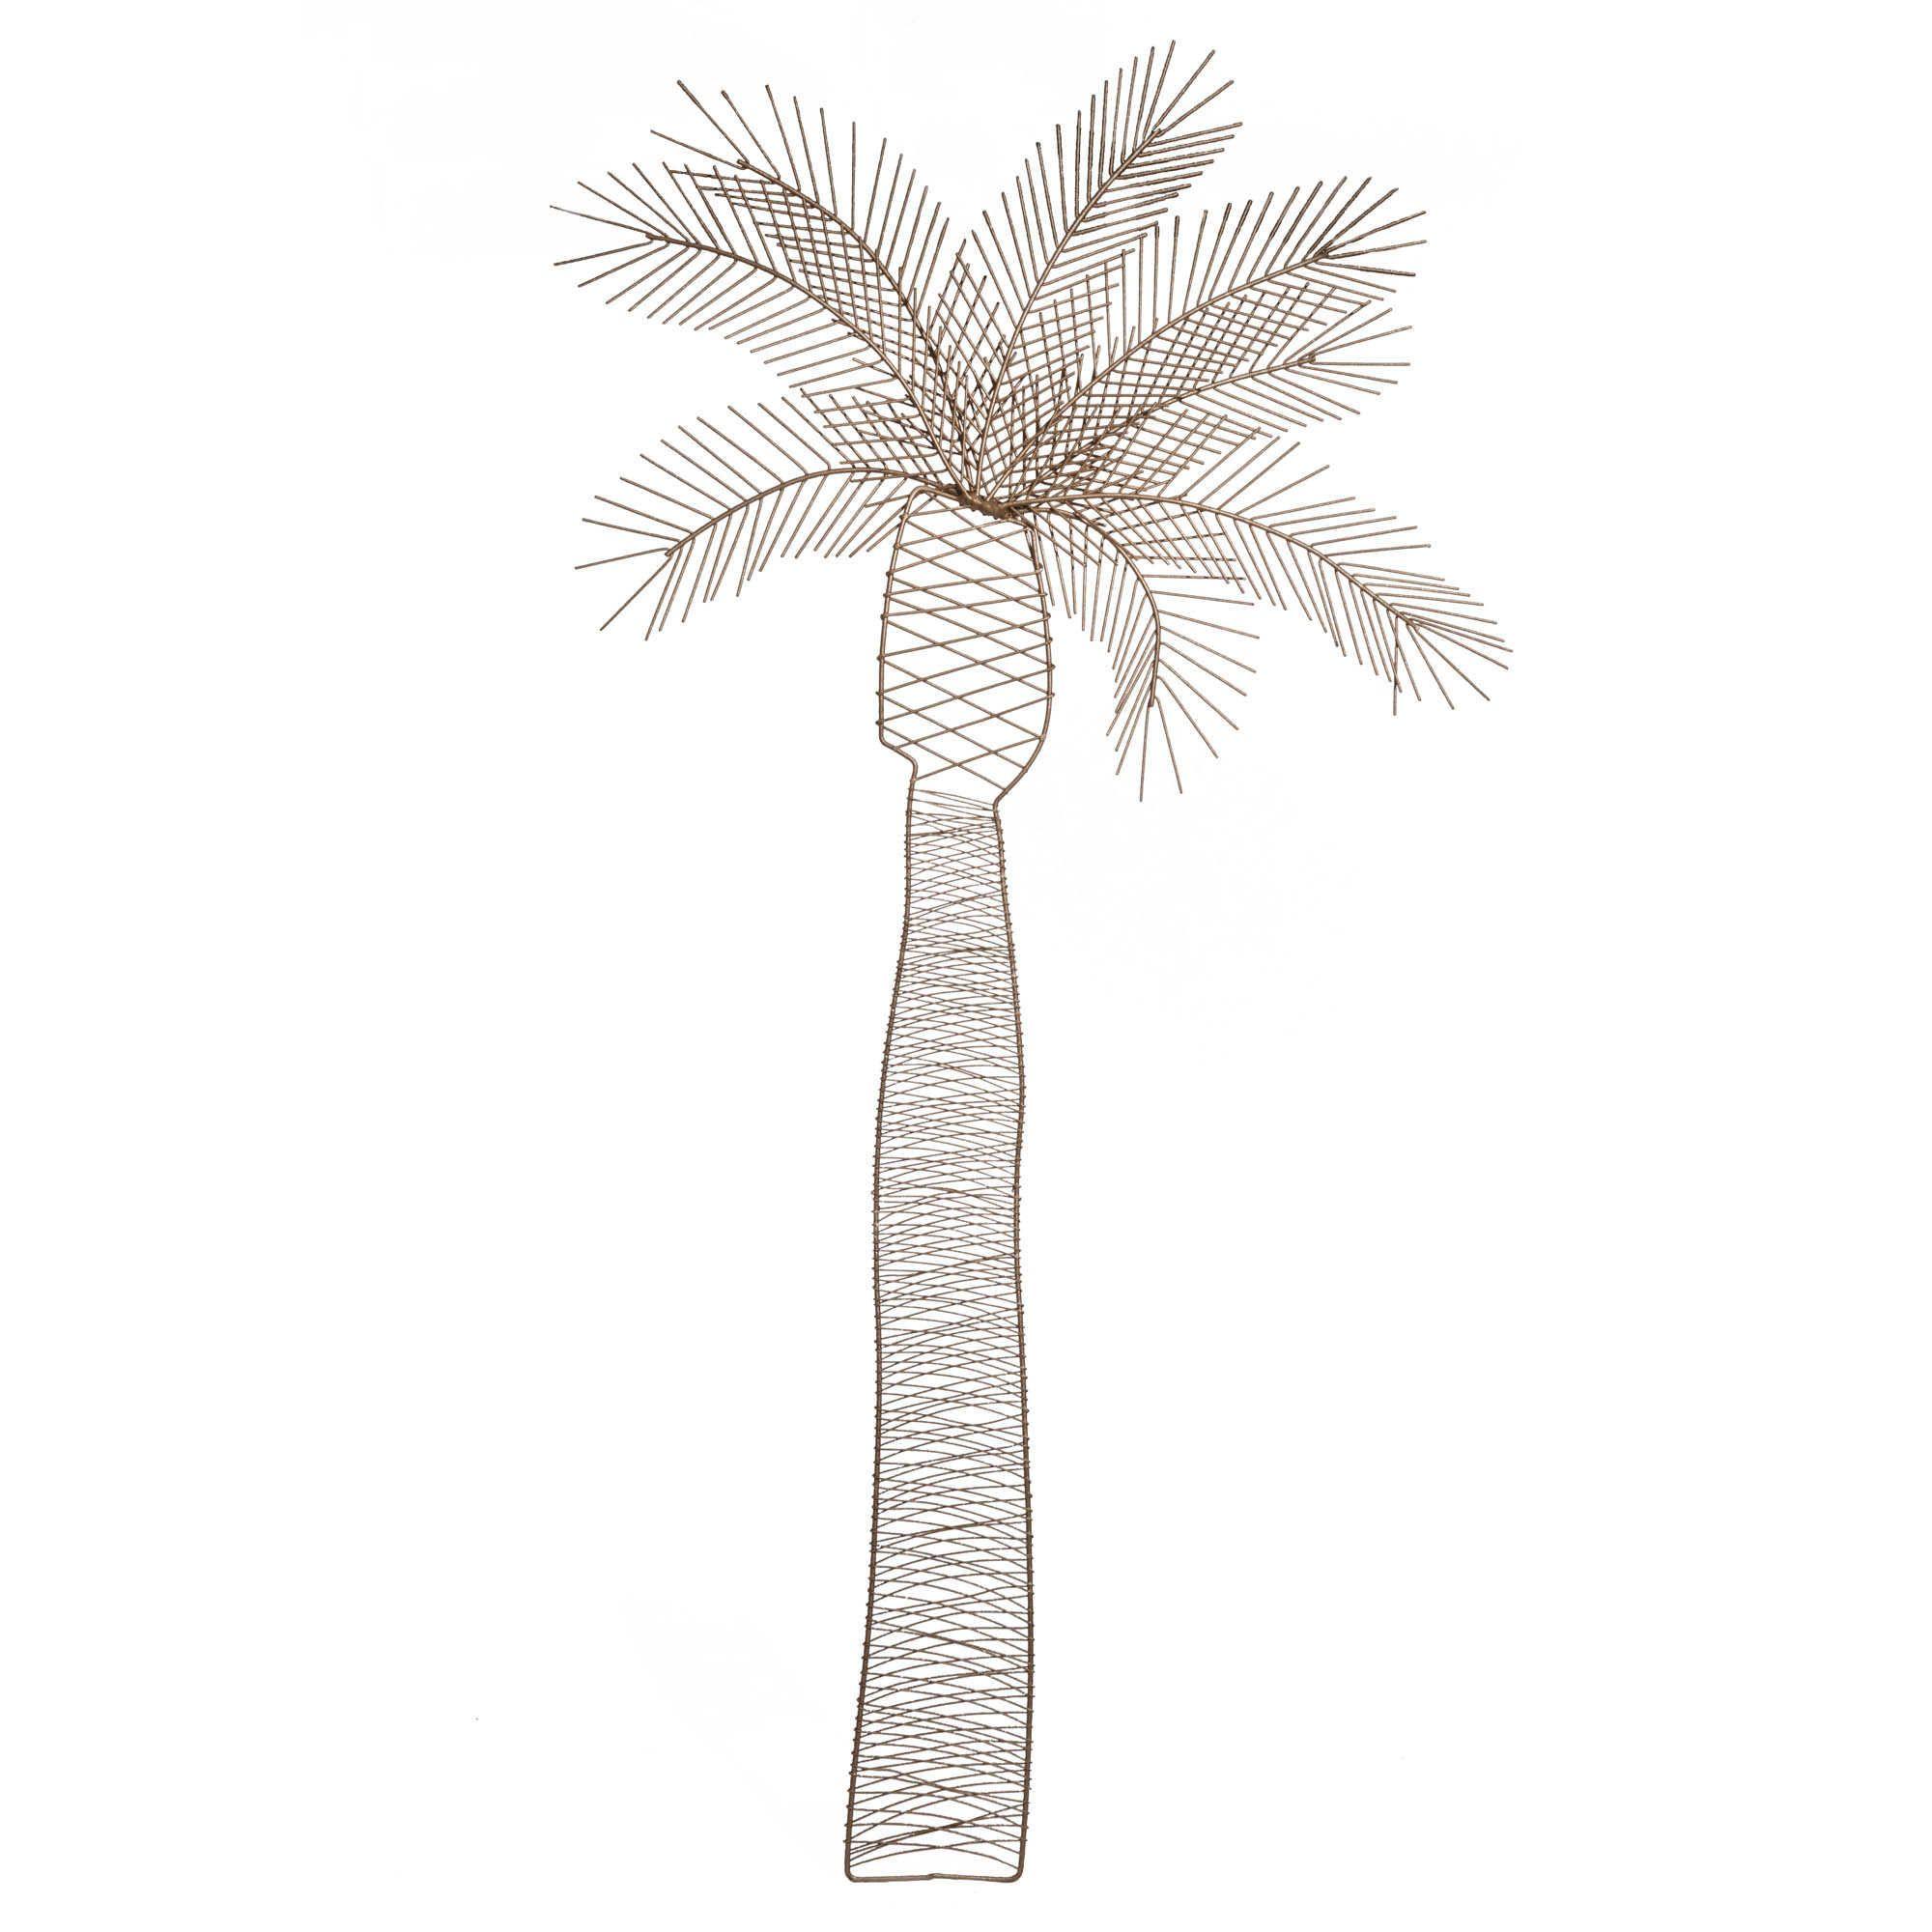 d co murale palmier en fil de m tal dor palm tree. Black Bedroom Furniture Sets. Home Design Ideas